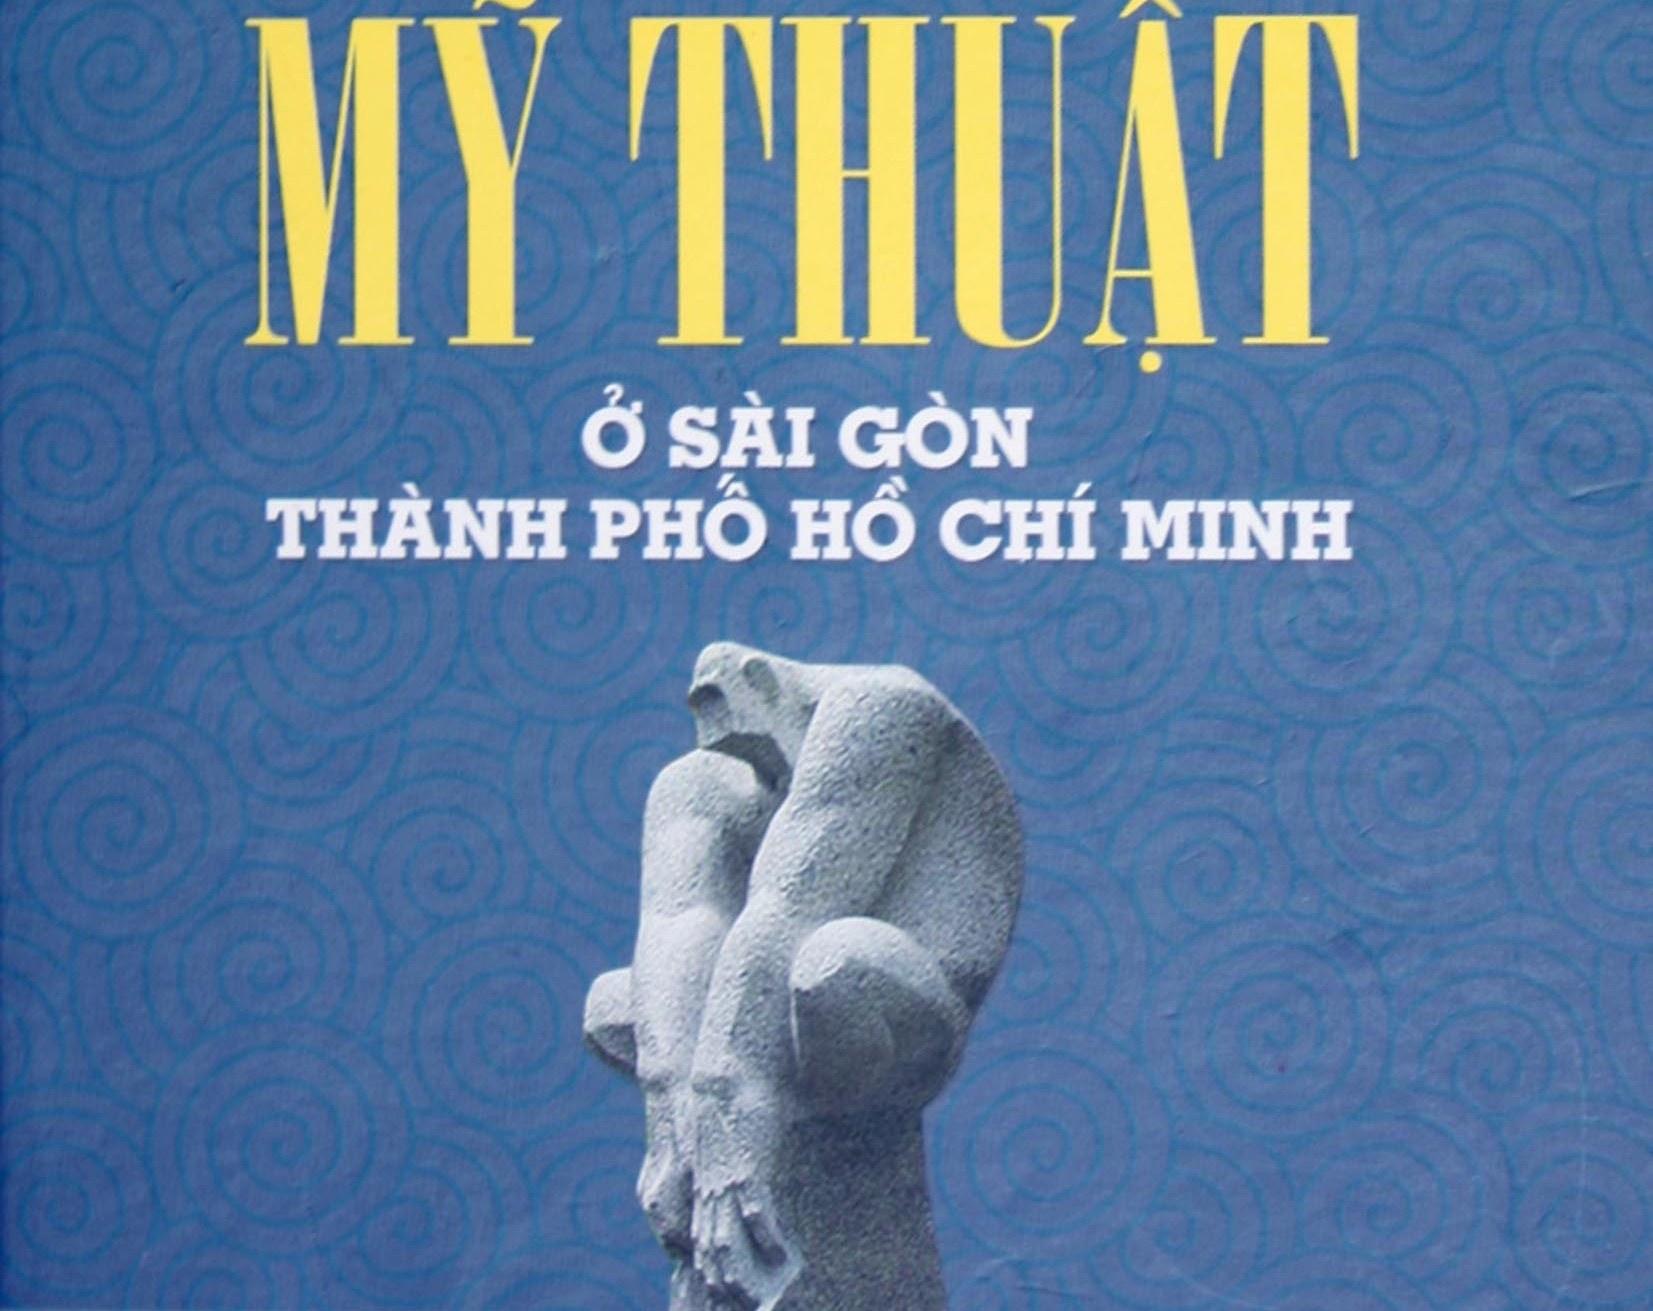 Sách Mỹ thuật ở Sài Gòn TP.HCM: Một số phần bị cho là đạo văn!